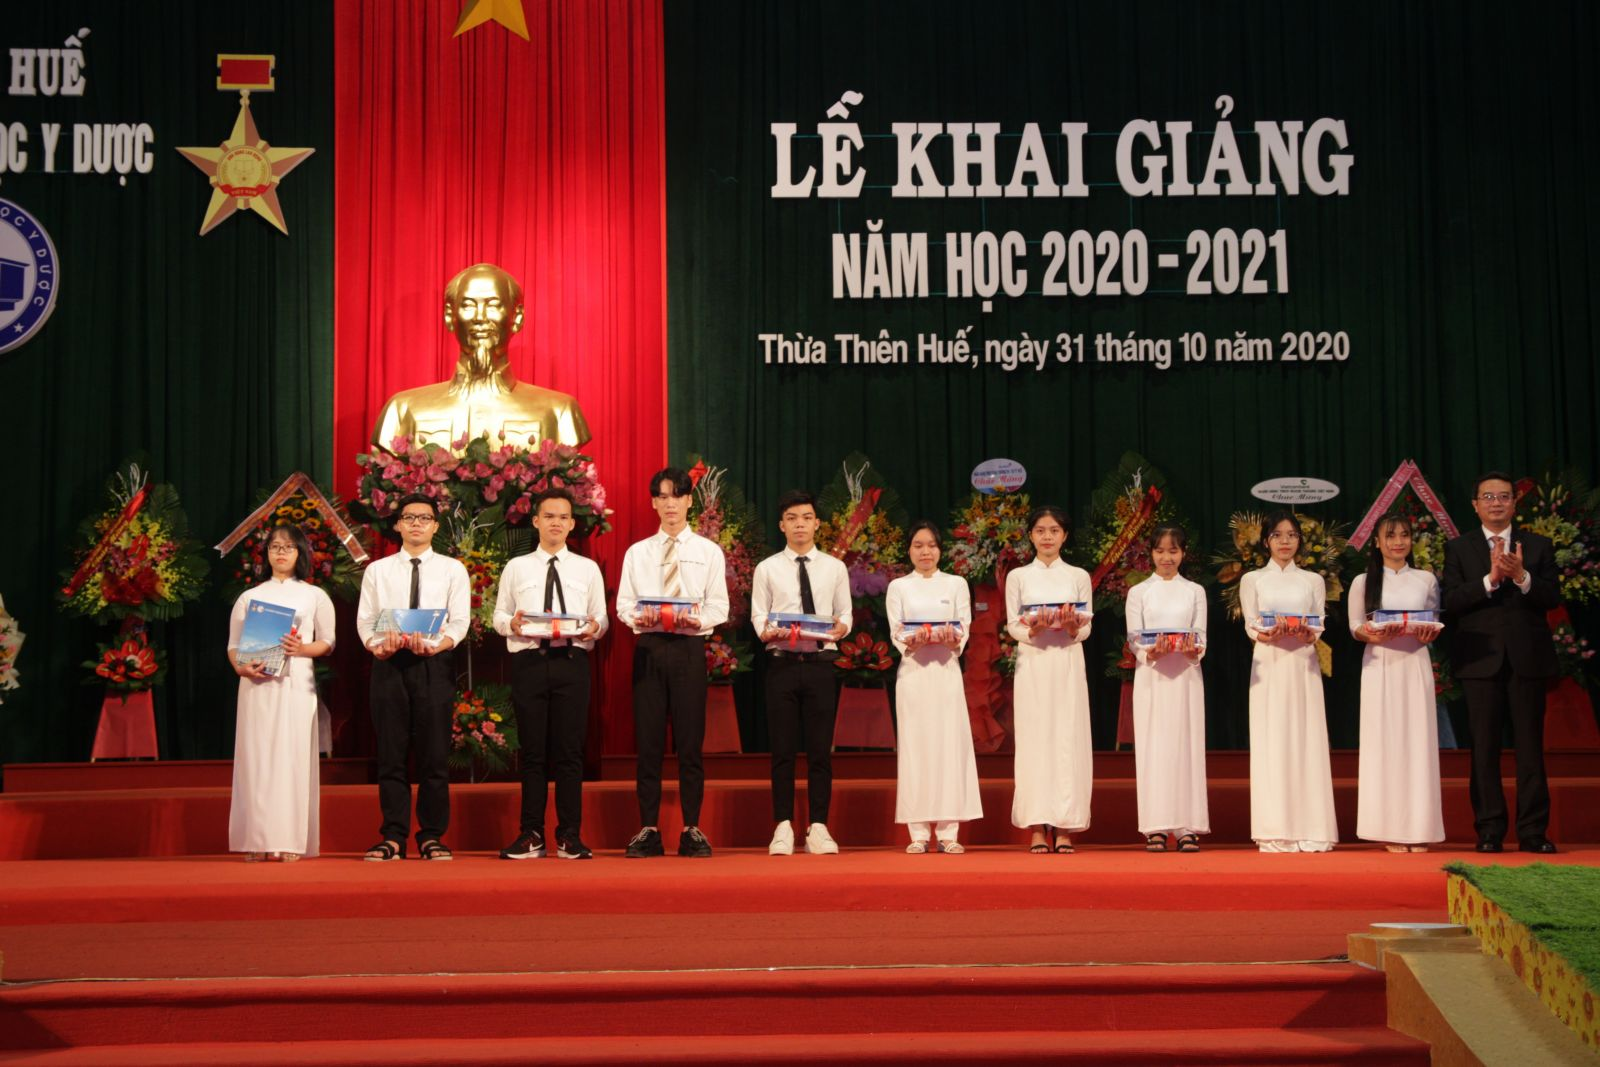 Lễ khai giảng năm học 2020-2021